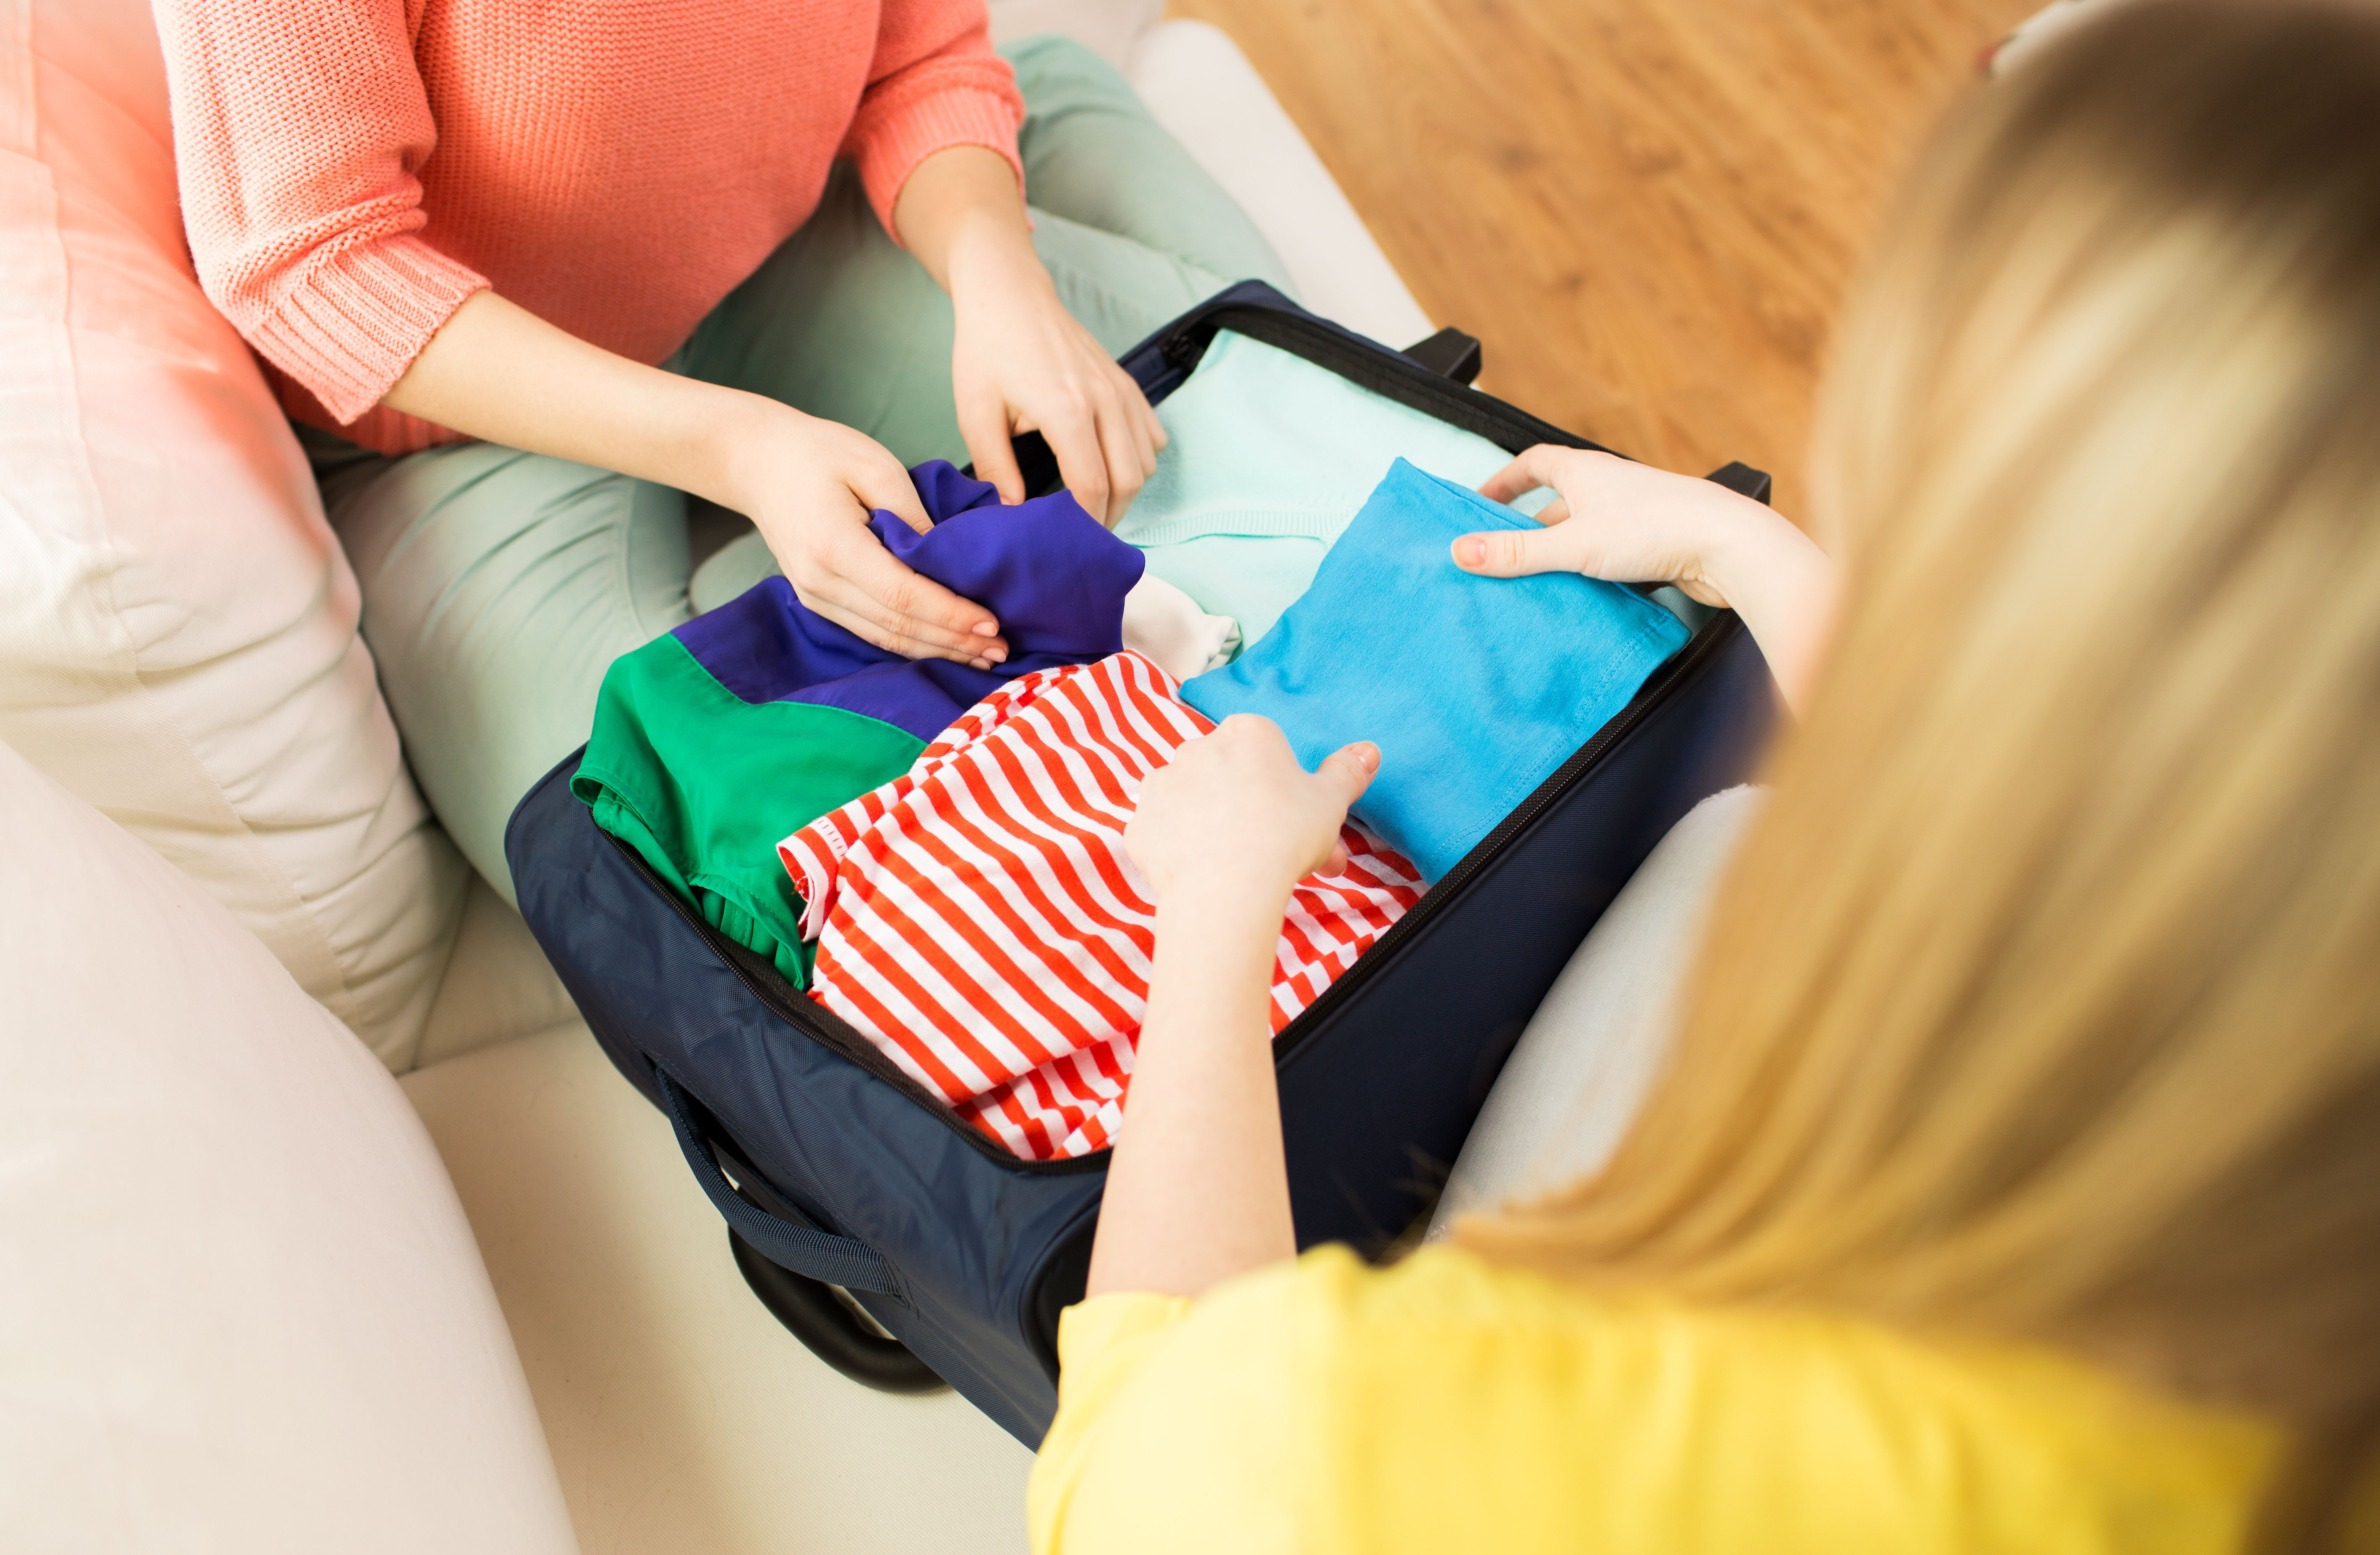 Jente som får hjelp av moren sin til å pakke en koffert.